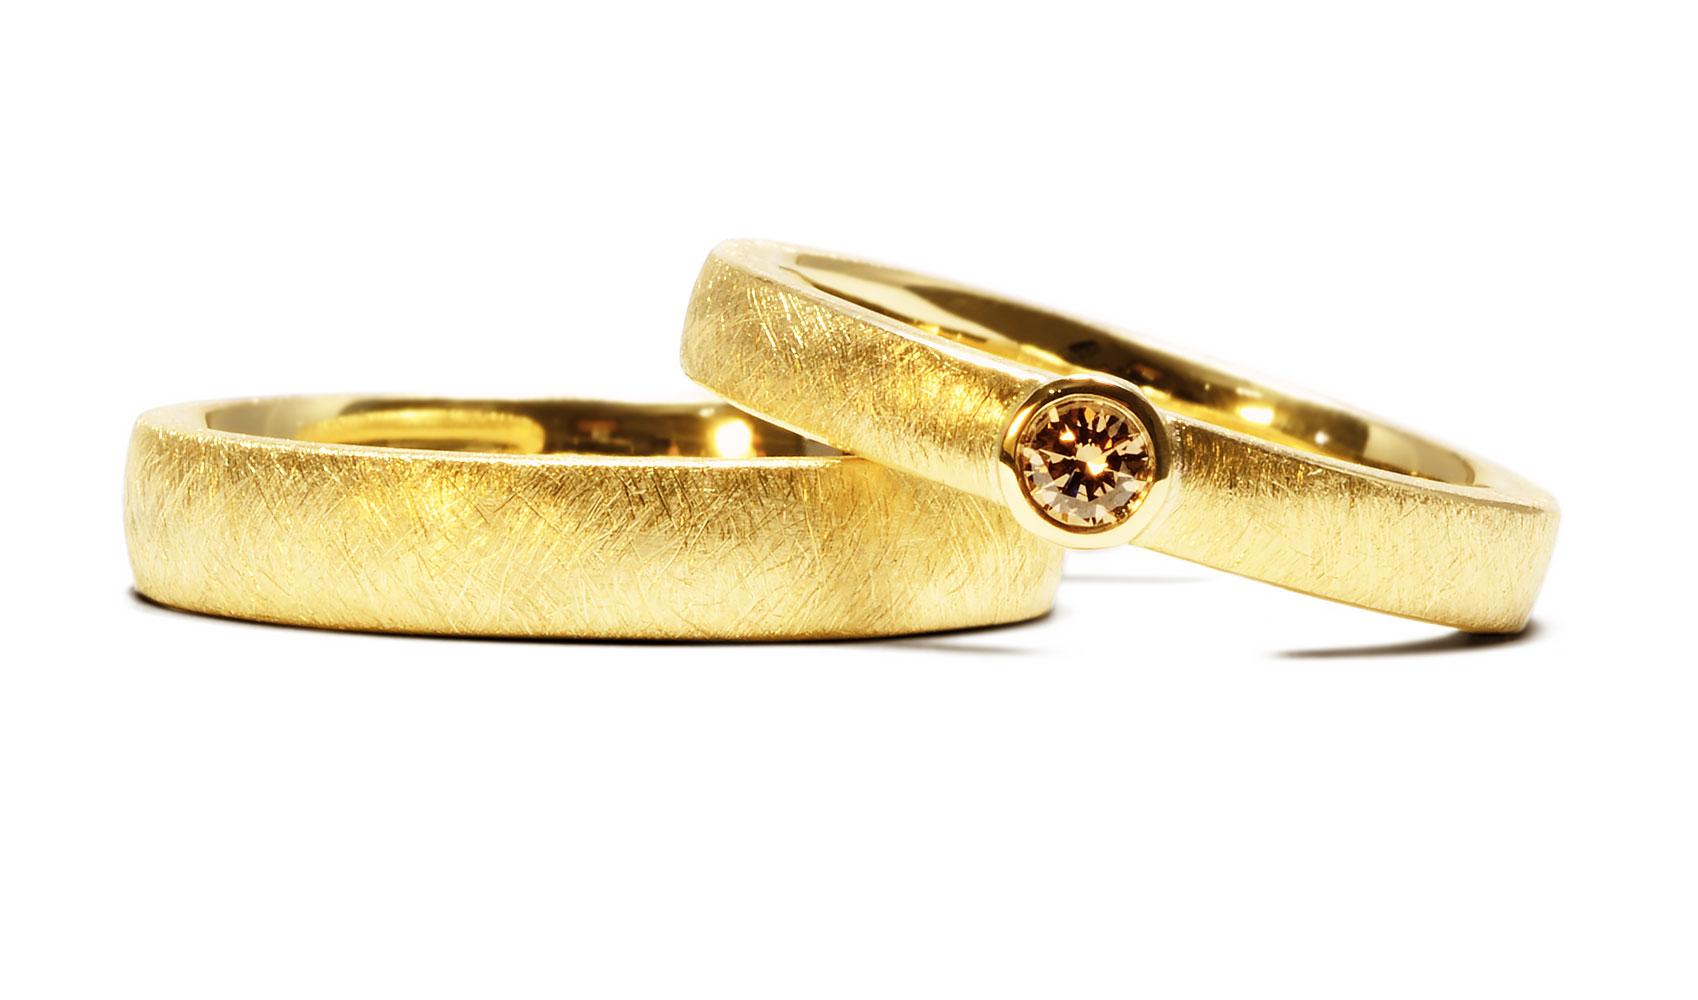 GOLDAFFAIRS - zarte Trauringe aus Fair Trade Gold mit einem Australischen Diamanten